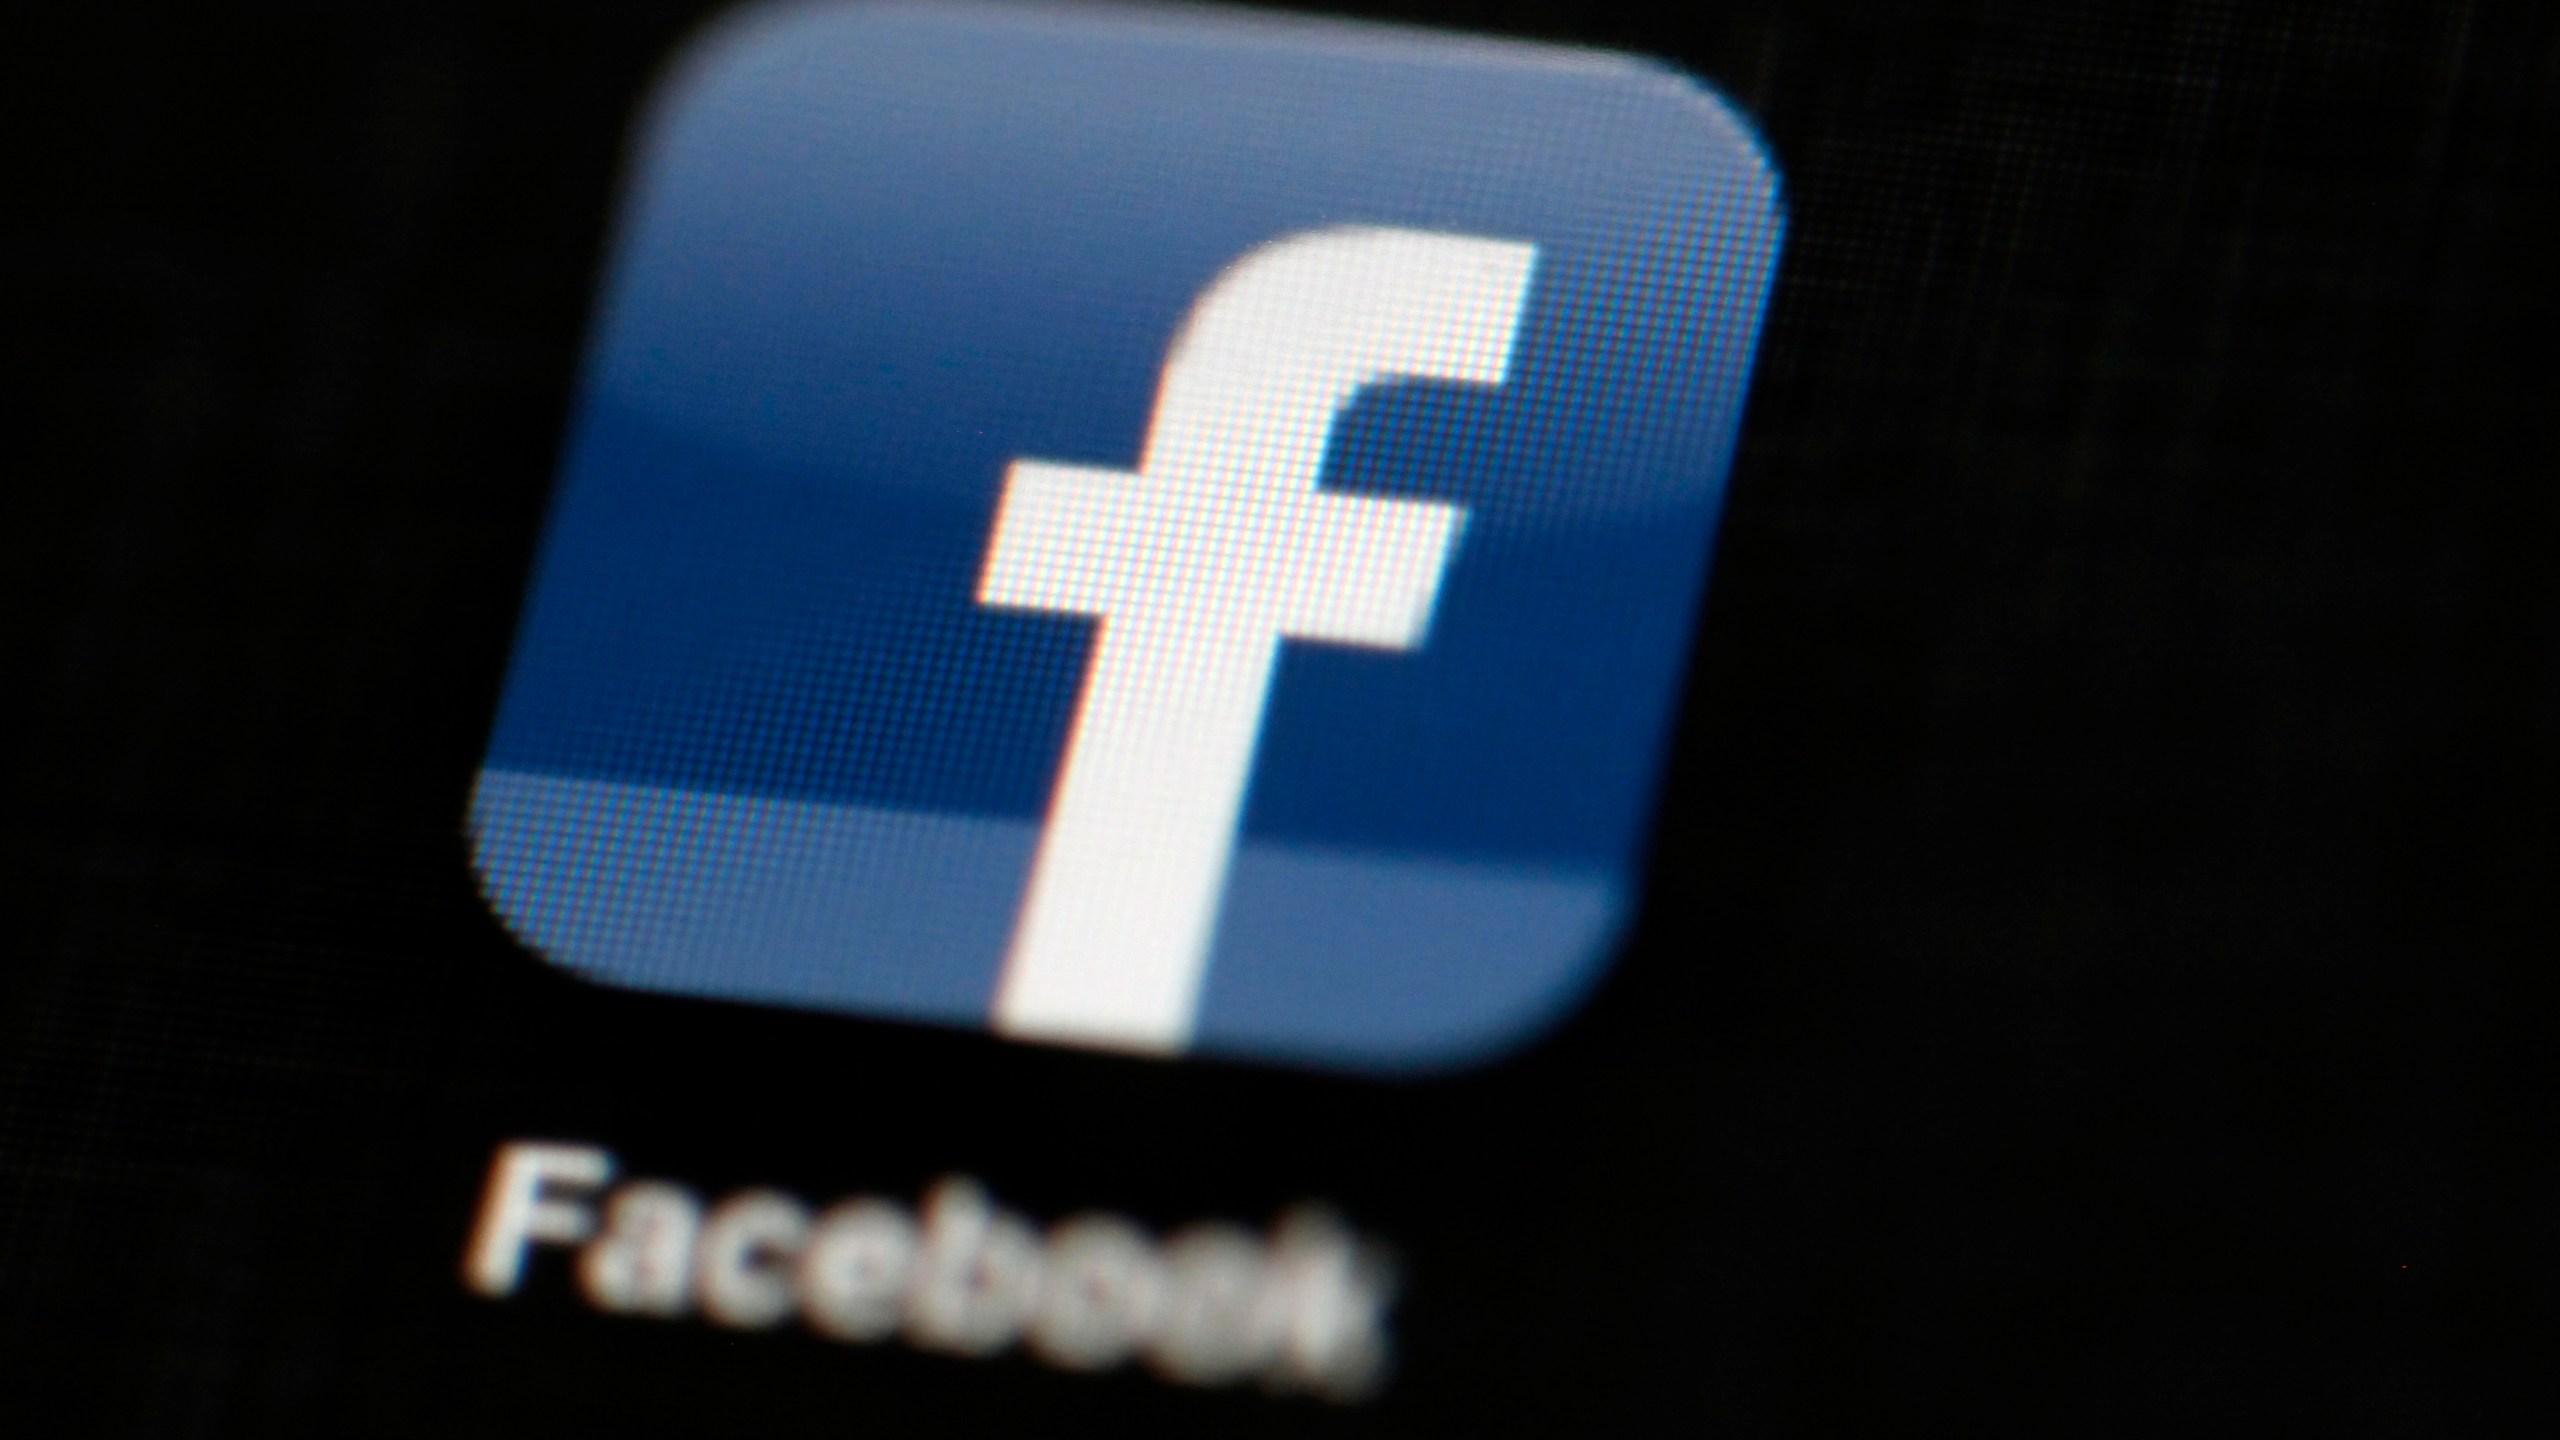 Facebook_Trending_Topics_18298-159532.jpg57886122